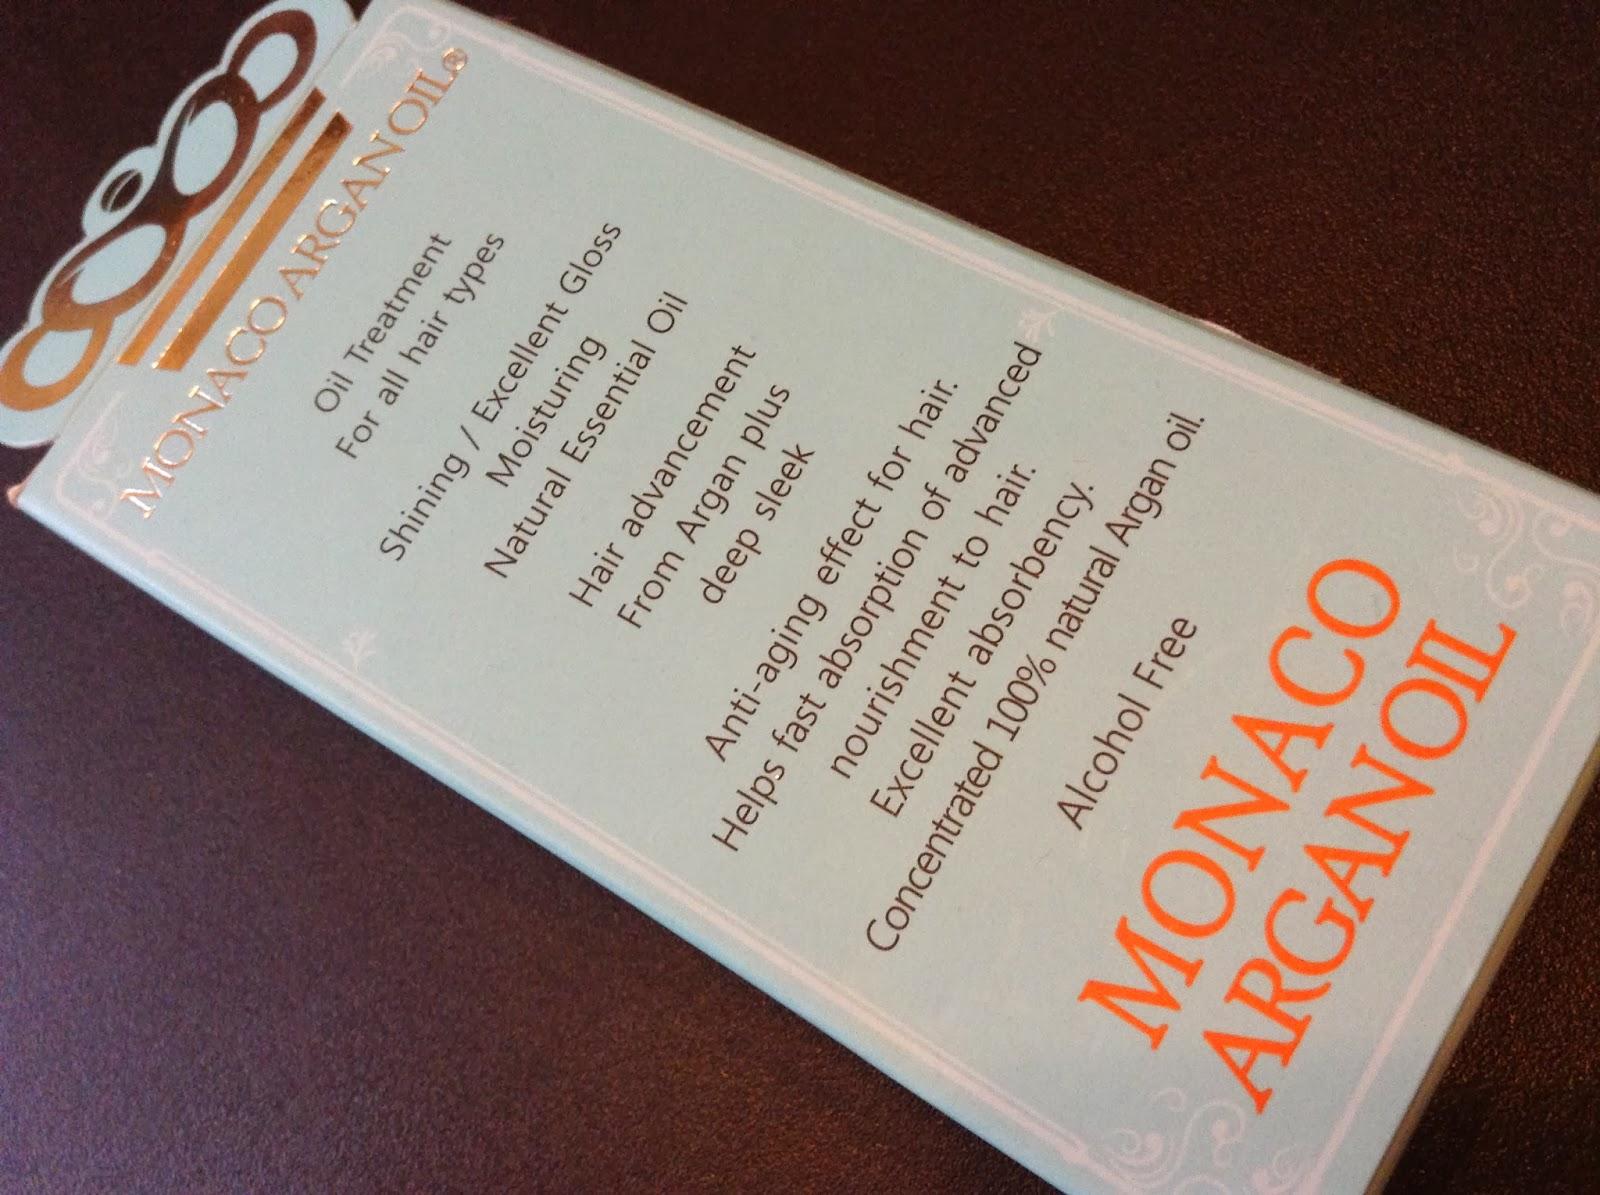 >>唔試唔知咁好用*藍色摩洛哥堅果油 Monaco Argan Oil 極緻順髮精華 韓國製